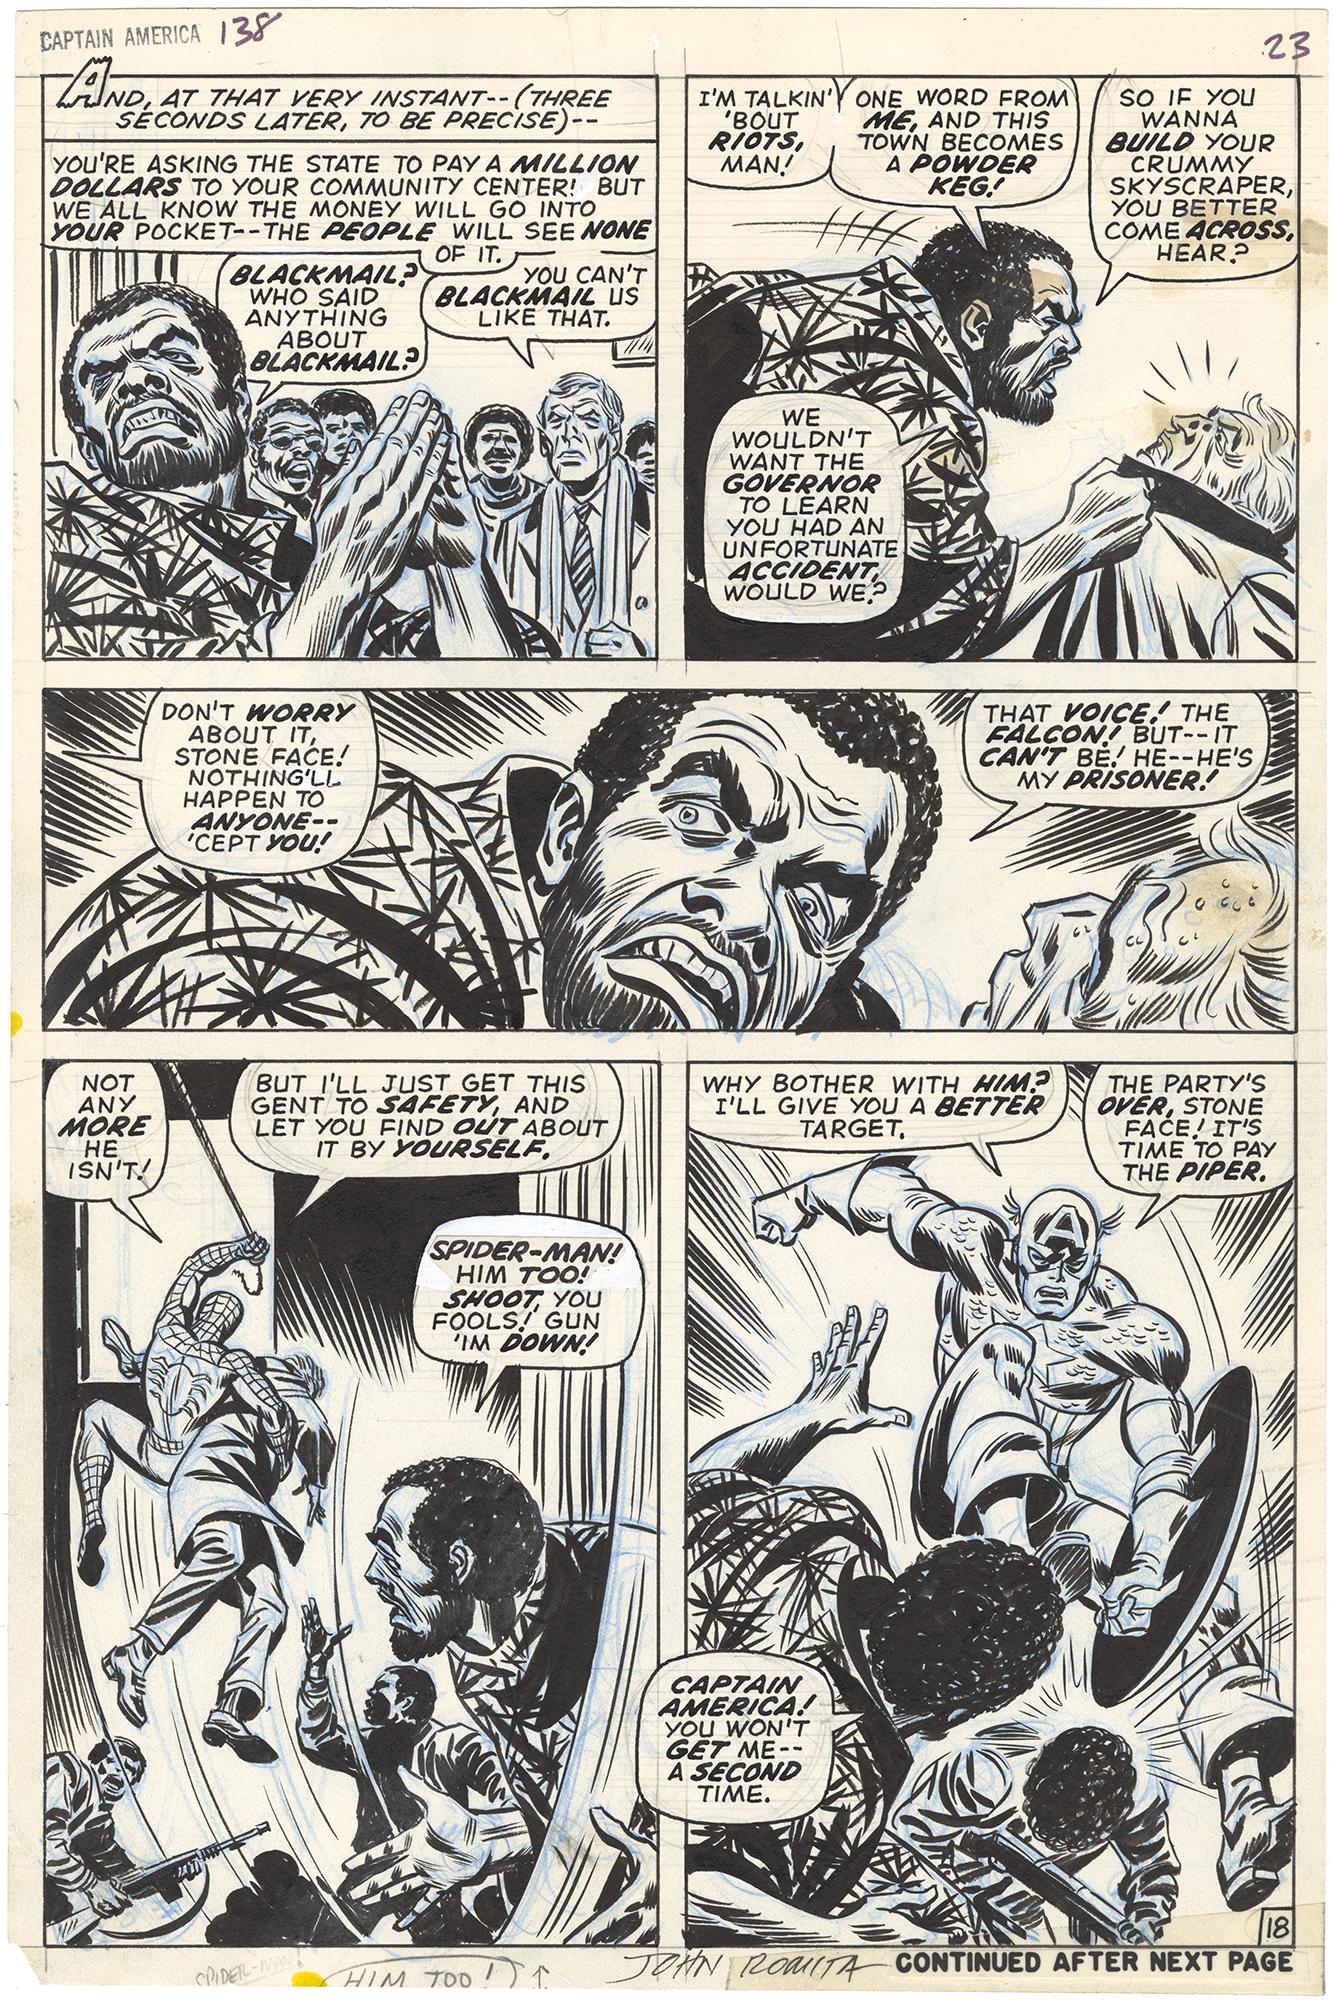 Captain America #138 p18